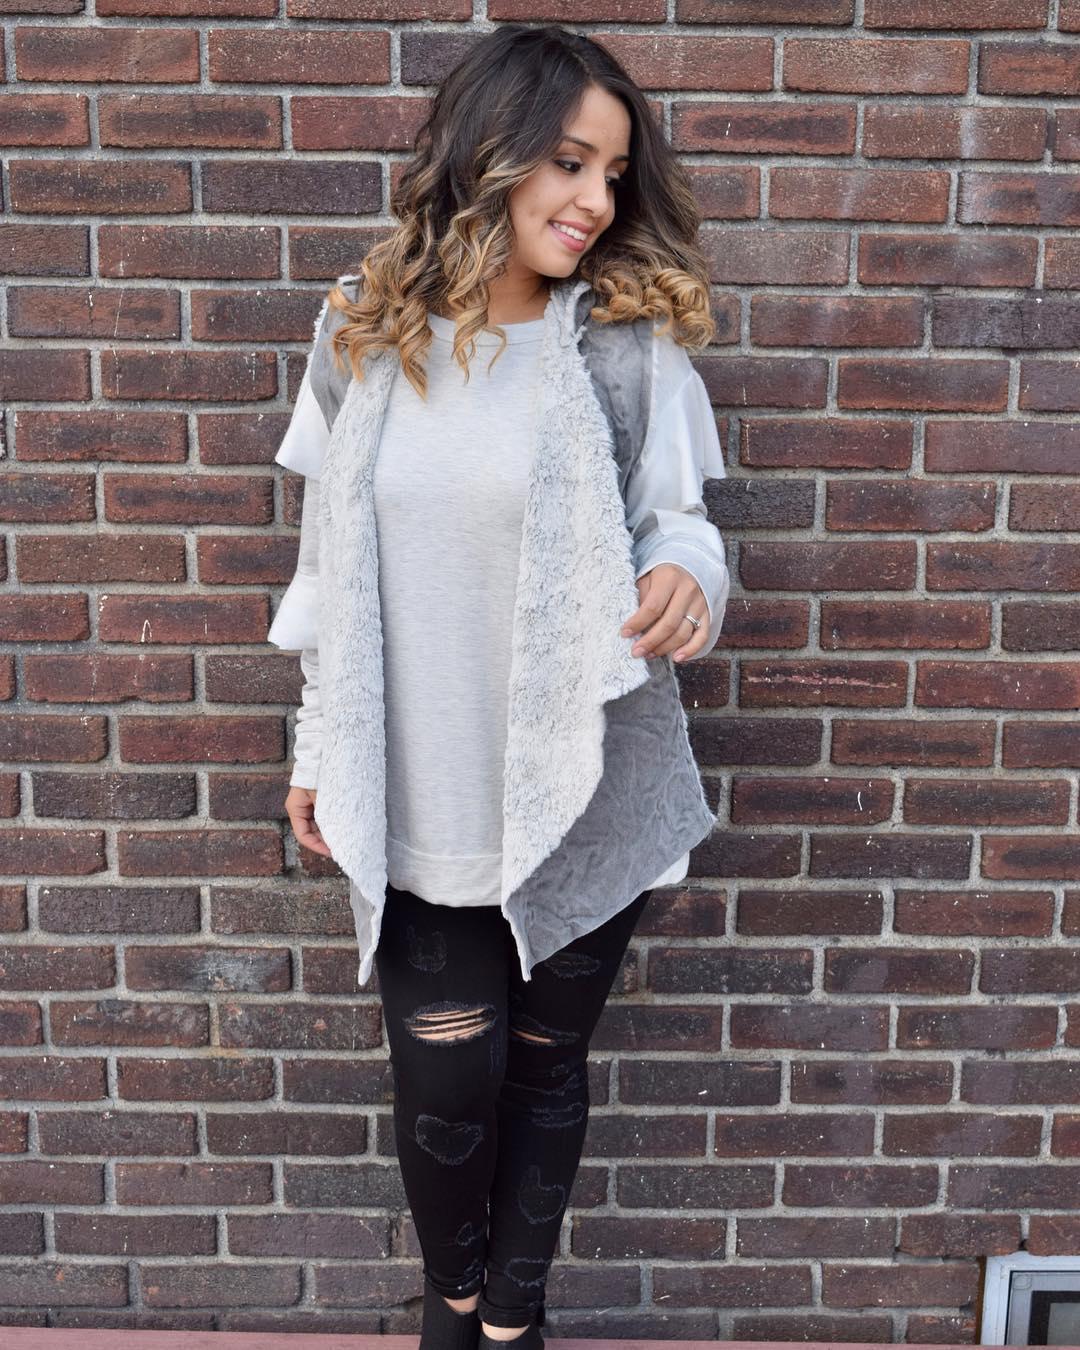 Ravishing Fall Outfit